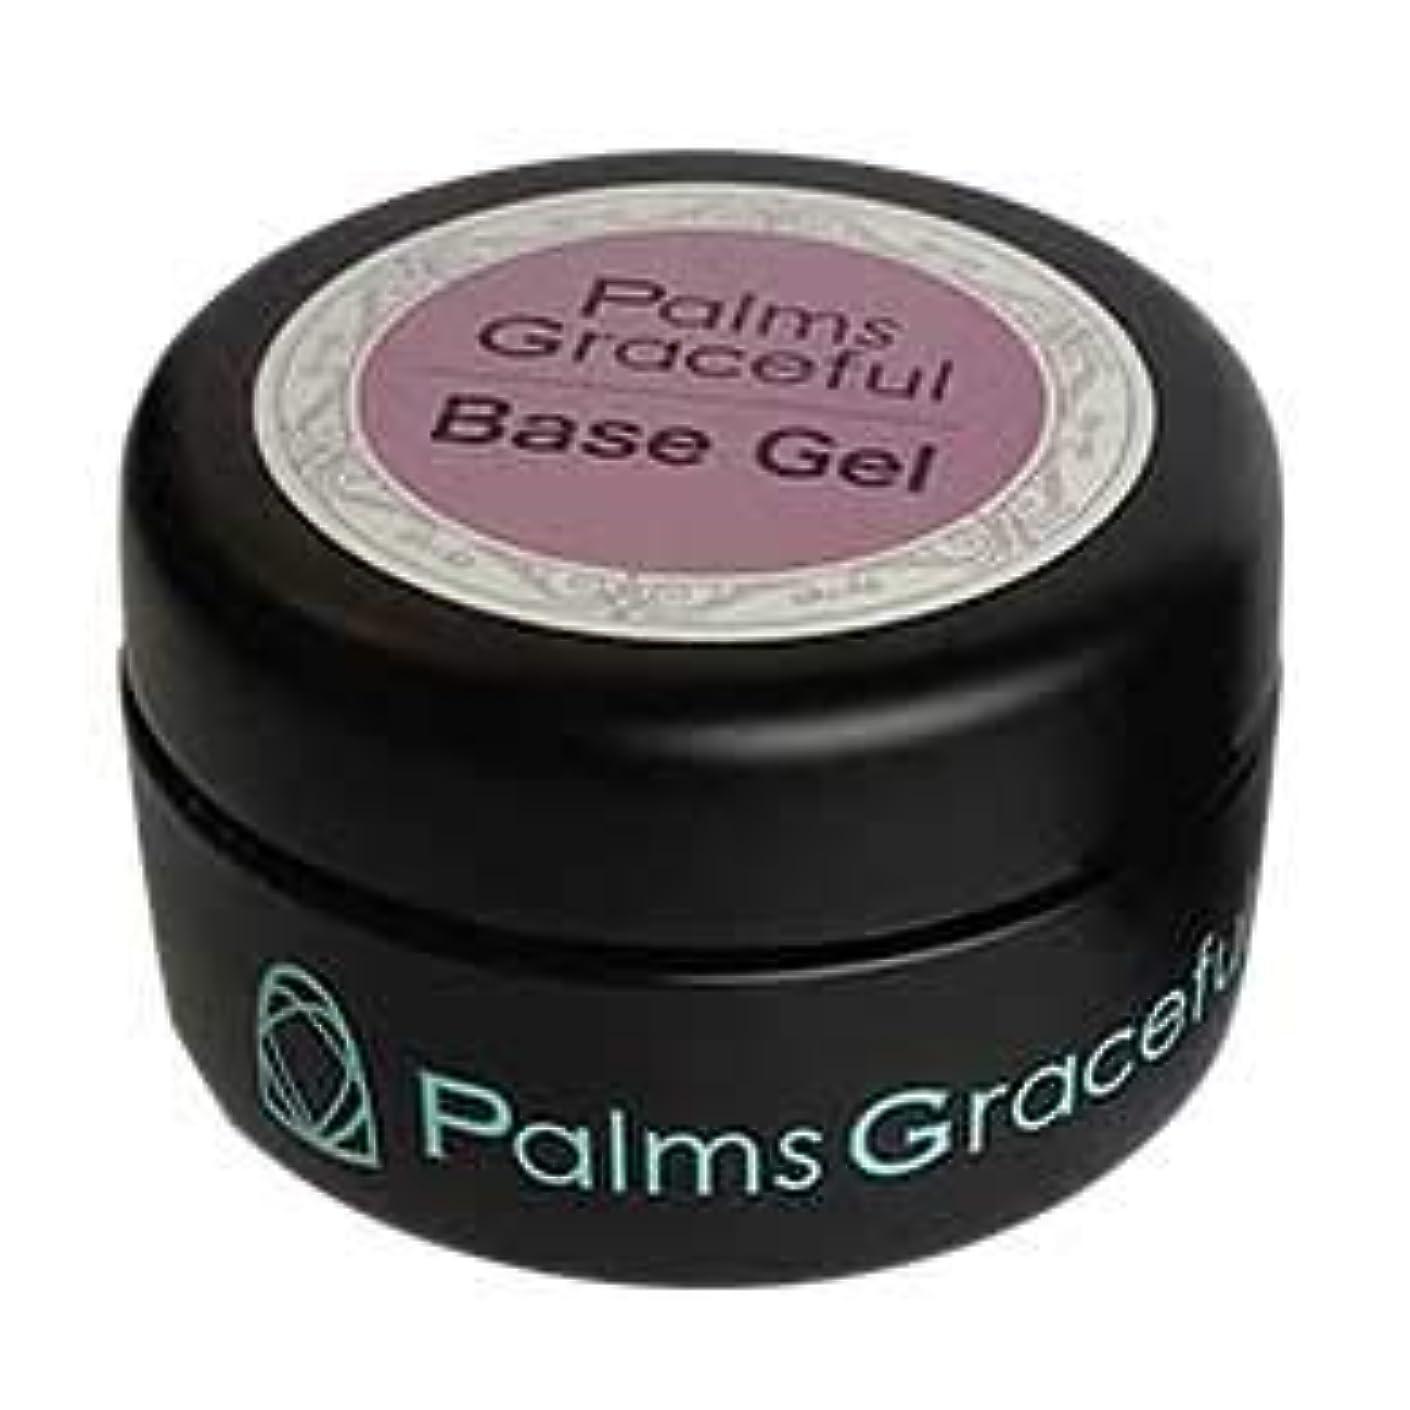 ファイター病気大工Palms Graceful ベースジェル 25g